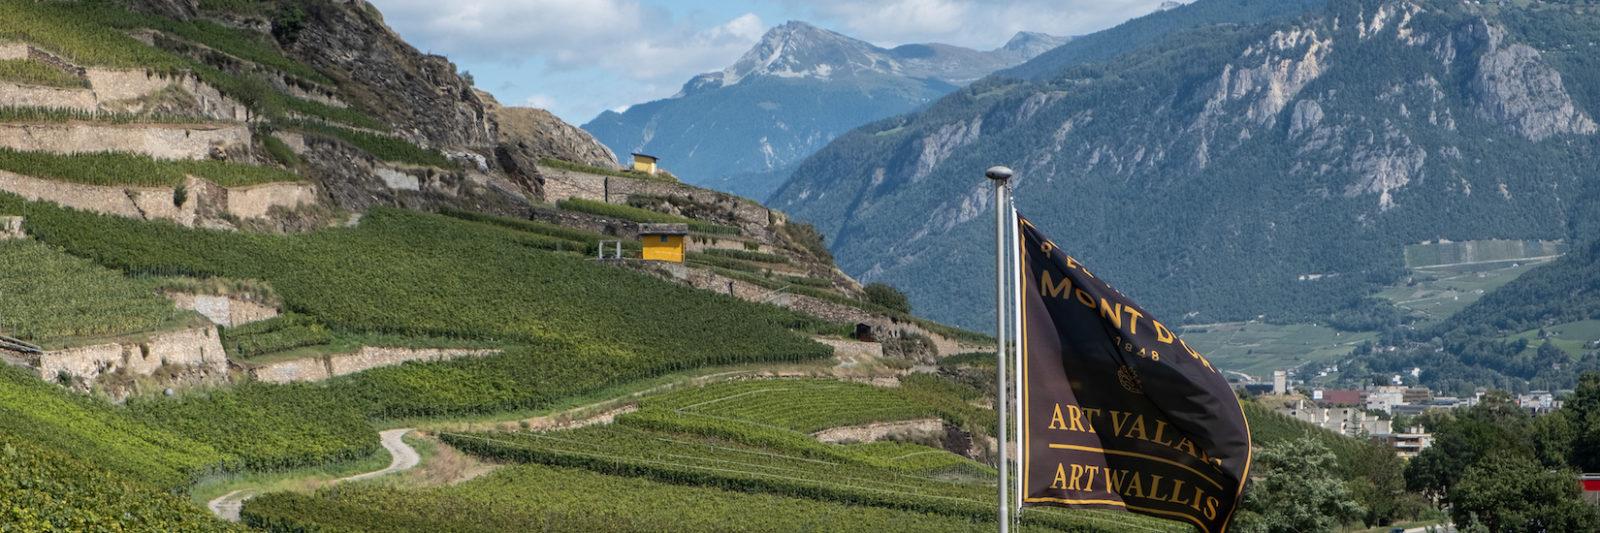 Art Valais Wallis -Domaine du Mont d'Or à Sion